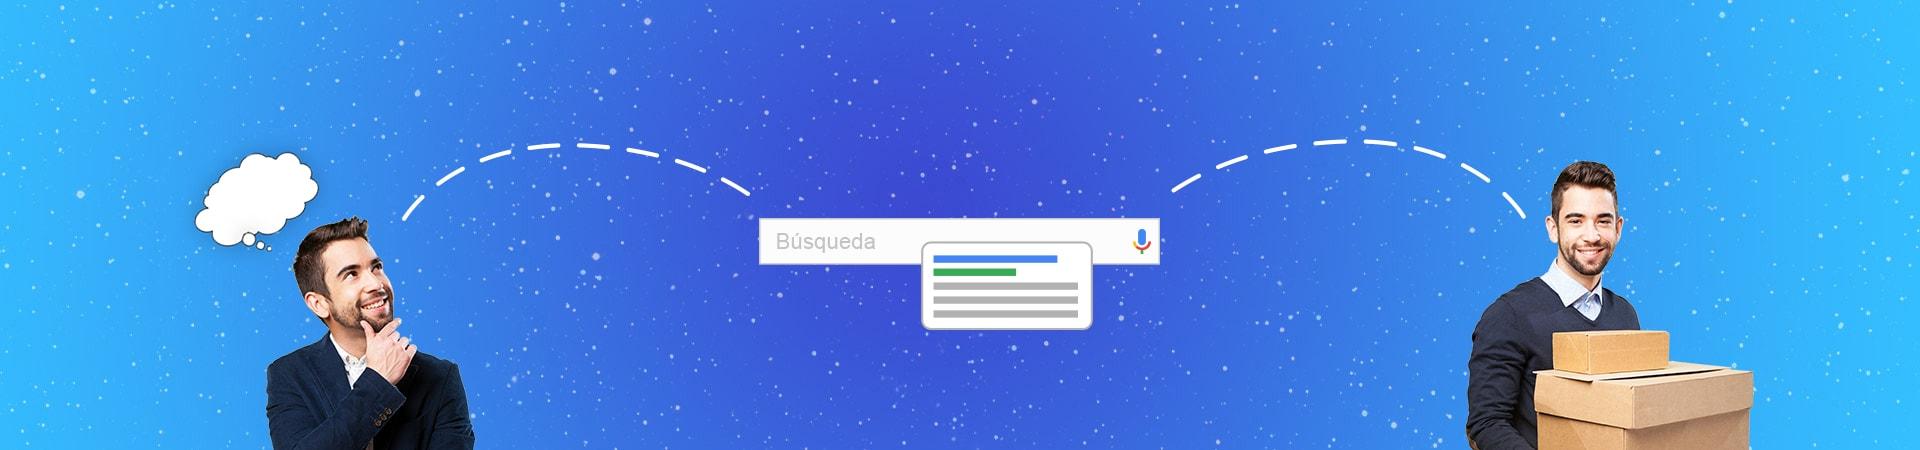 Publicidad en Google Ads - Andonie Tech